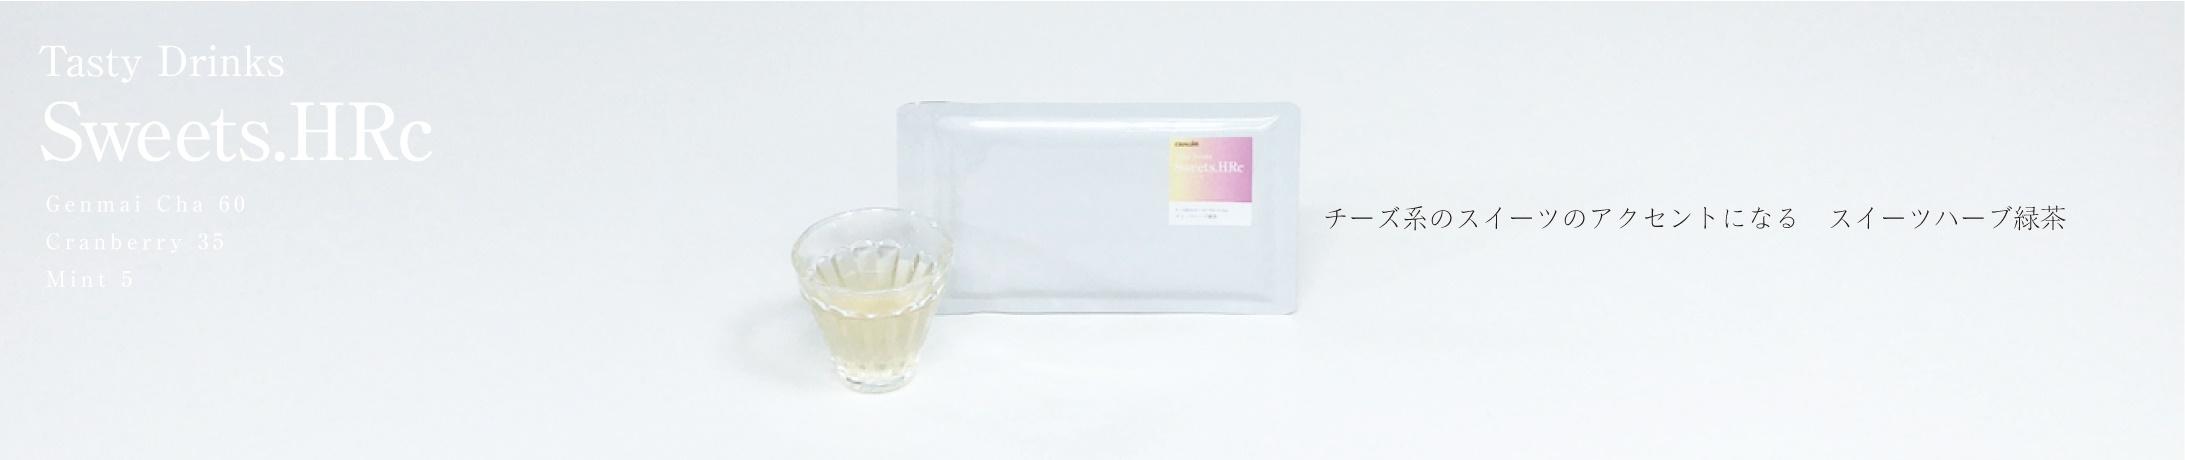 スイーツハーブ緑茶5